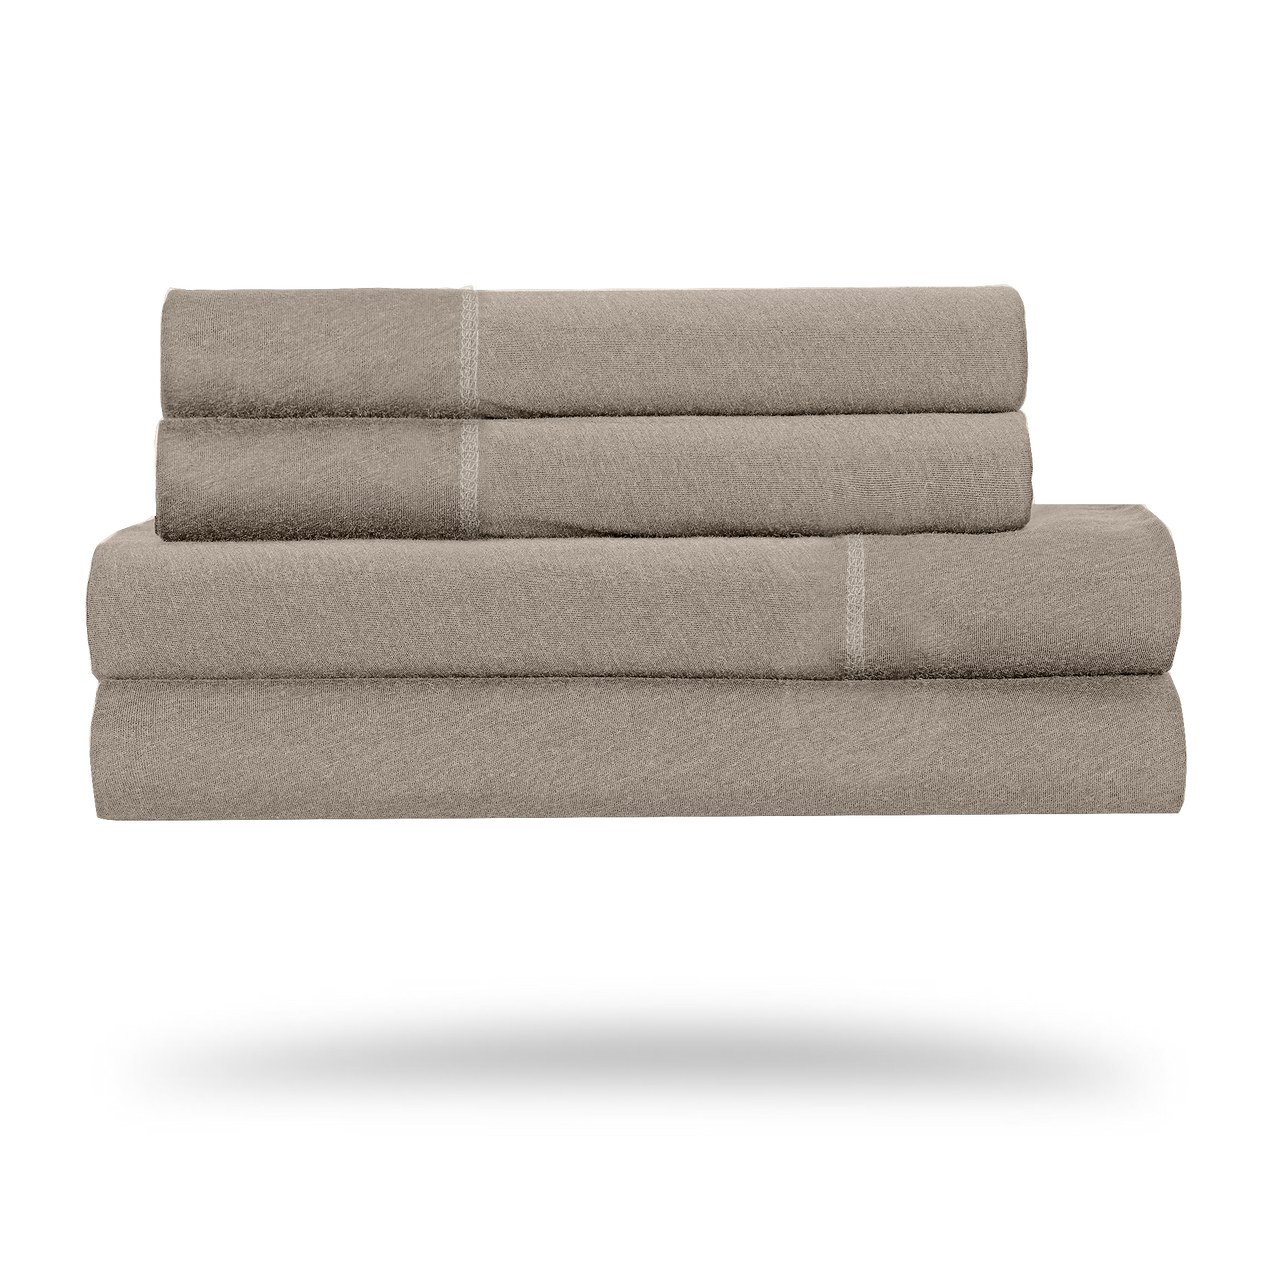 Bedgear Hyper-Wool Technology Performance Wool Sheet Set - Oatmeal - Queen - BGS28AMA4FQ, 814874028752